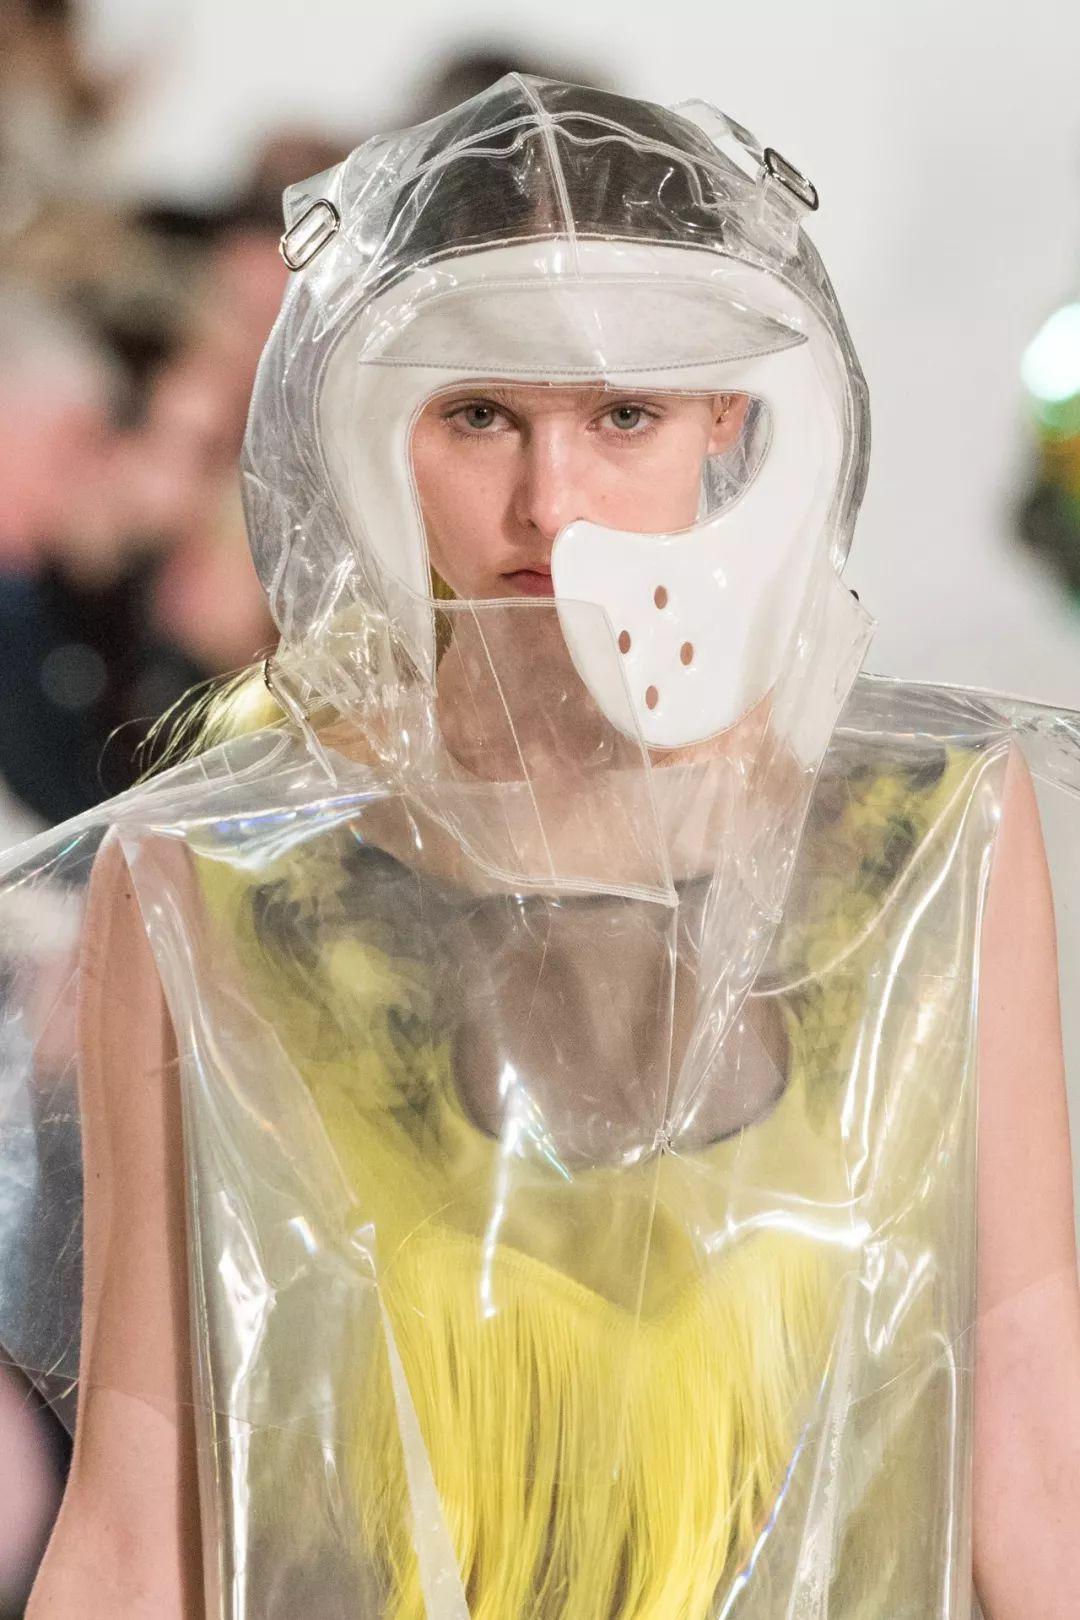 """时装潮流的 """"未来塑料风"""" 玩到头了吗?"""